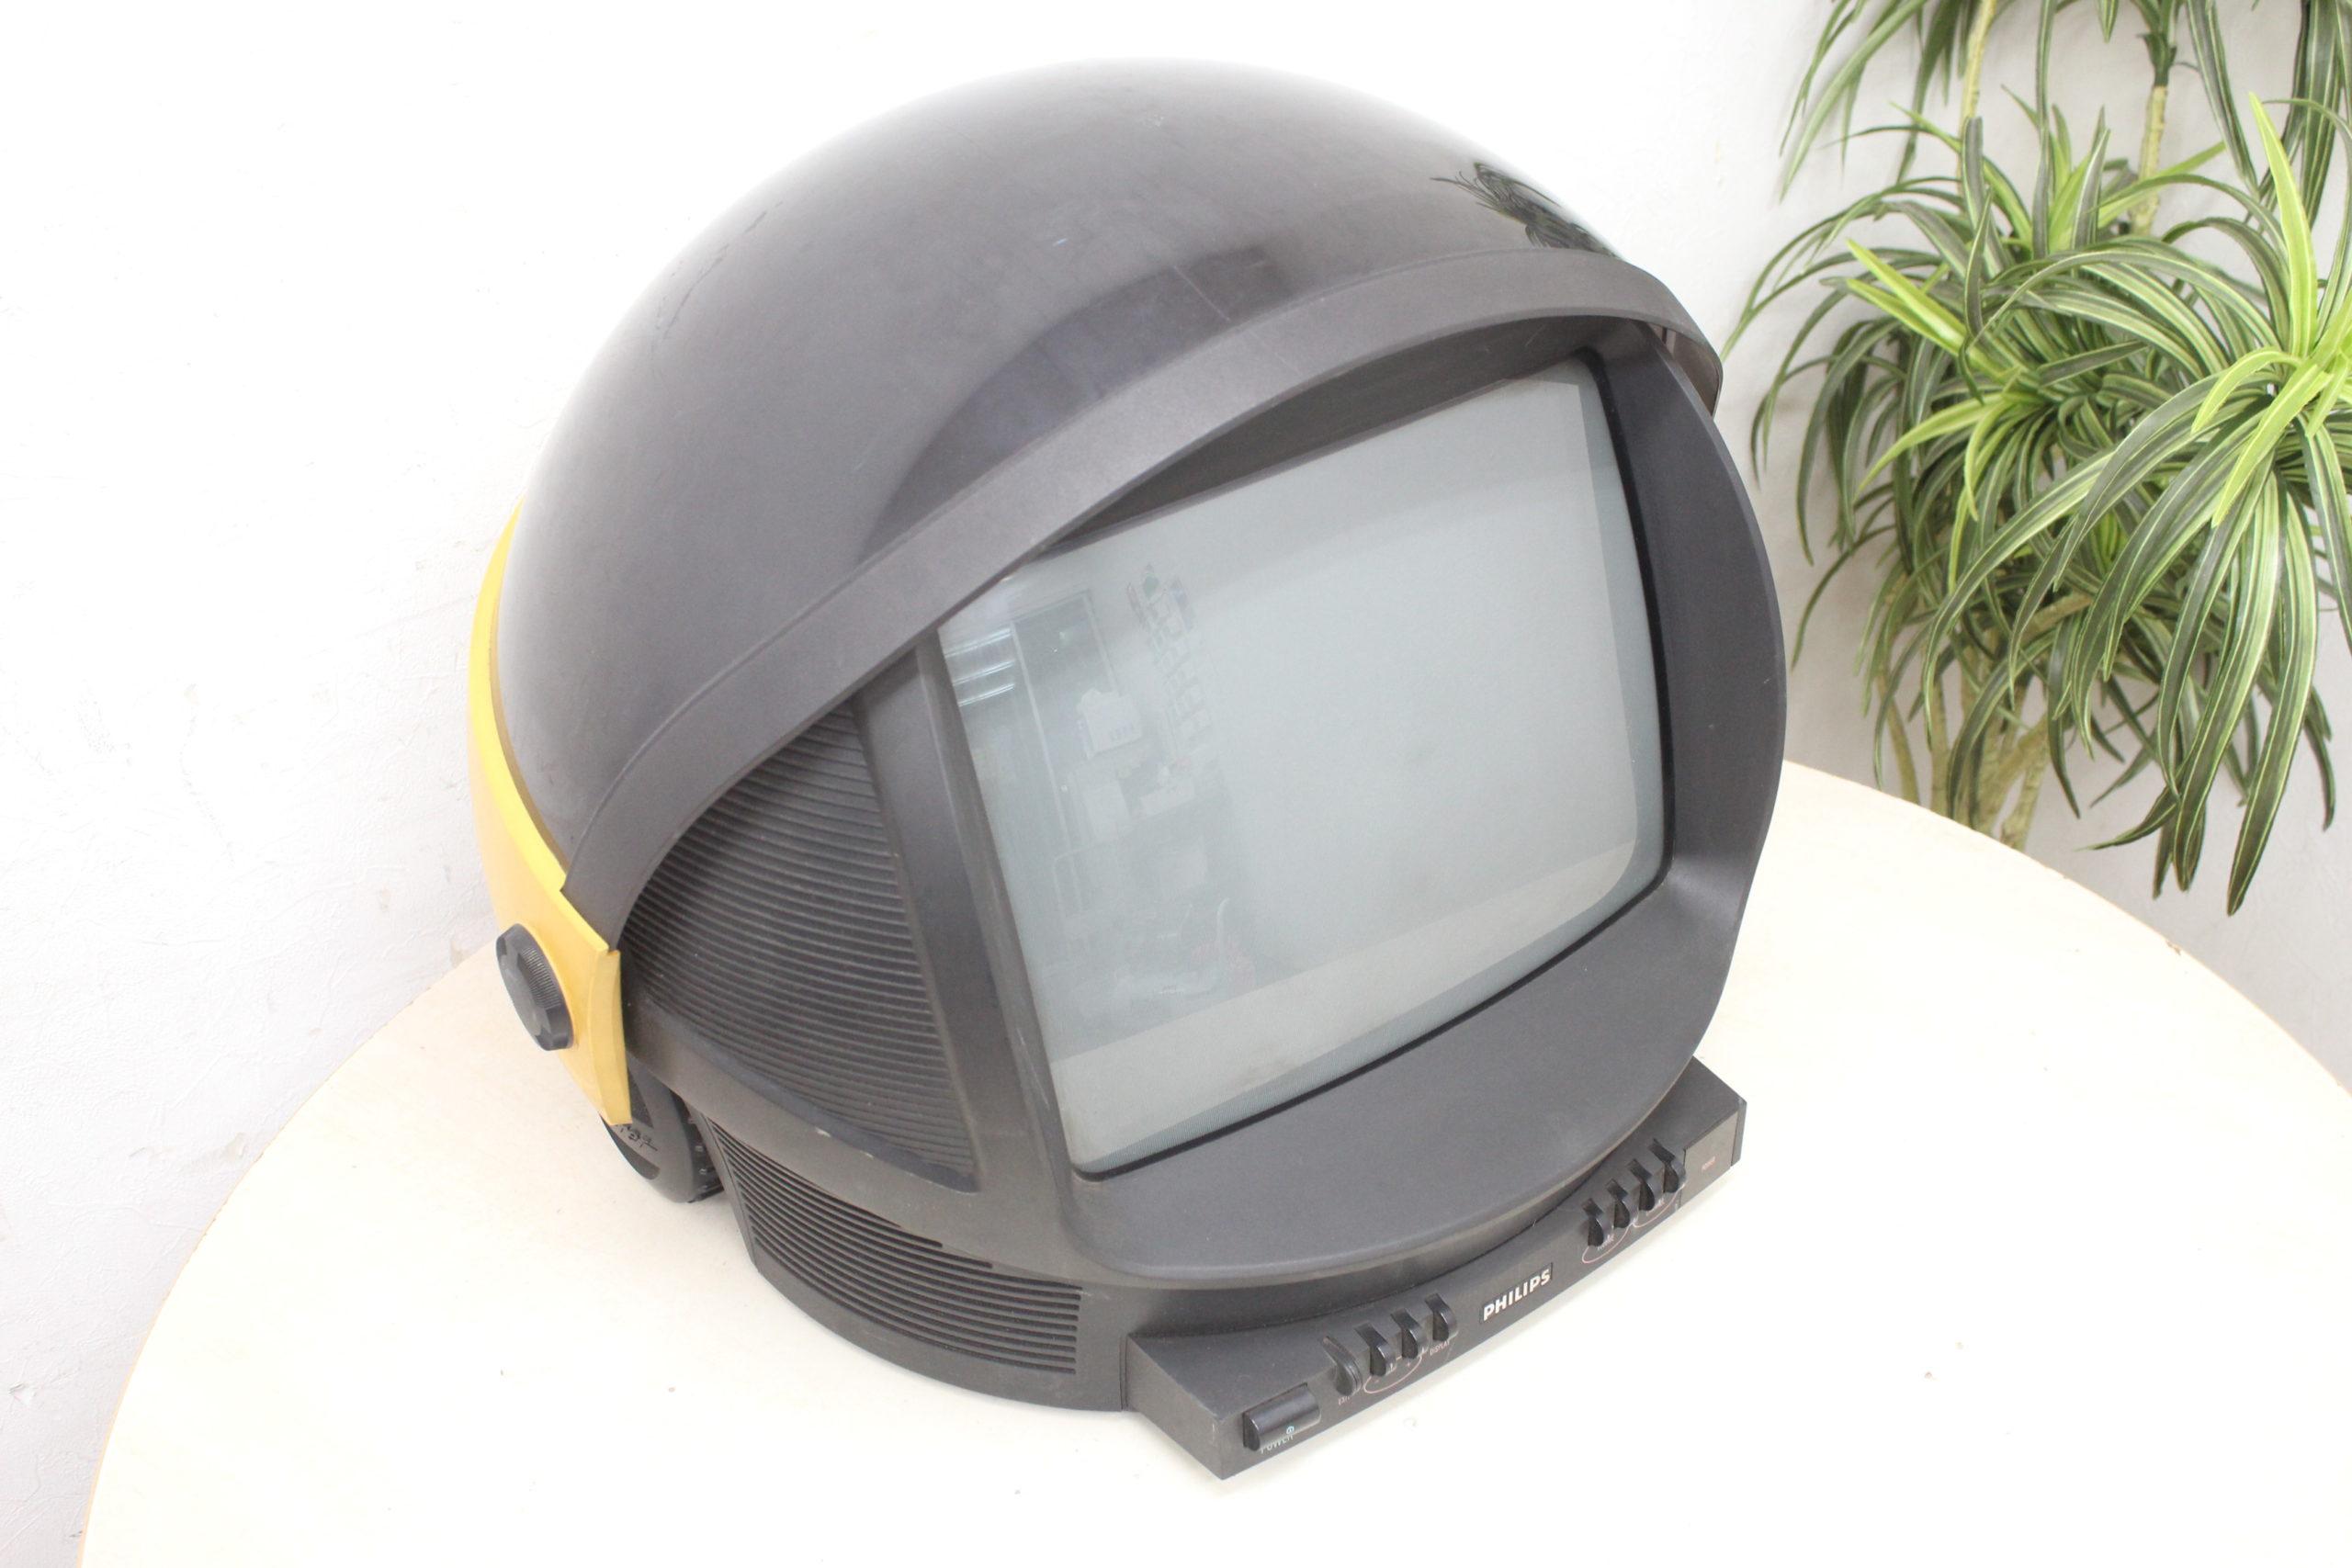 (福岡市早良区)PHILIPS フィリップス 14S11B オシャレなブラウン管テレビ  ヘルメット型 意外なモノが買取対象かも!?の買取-